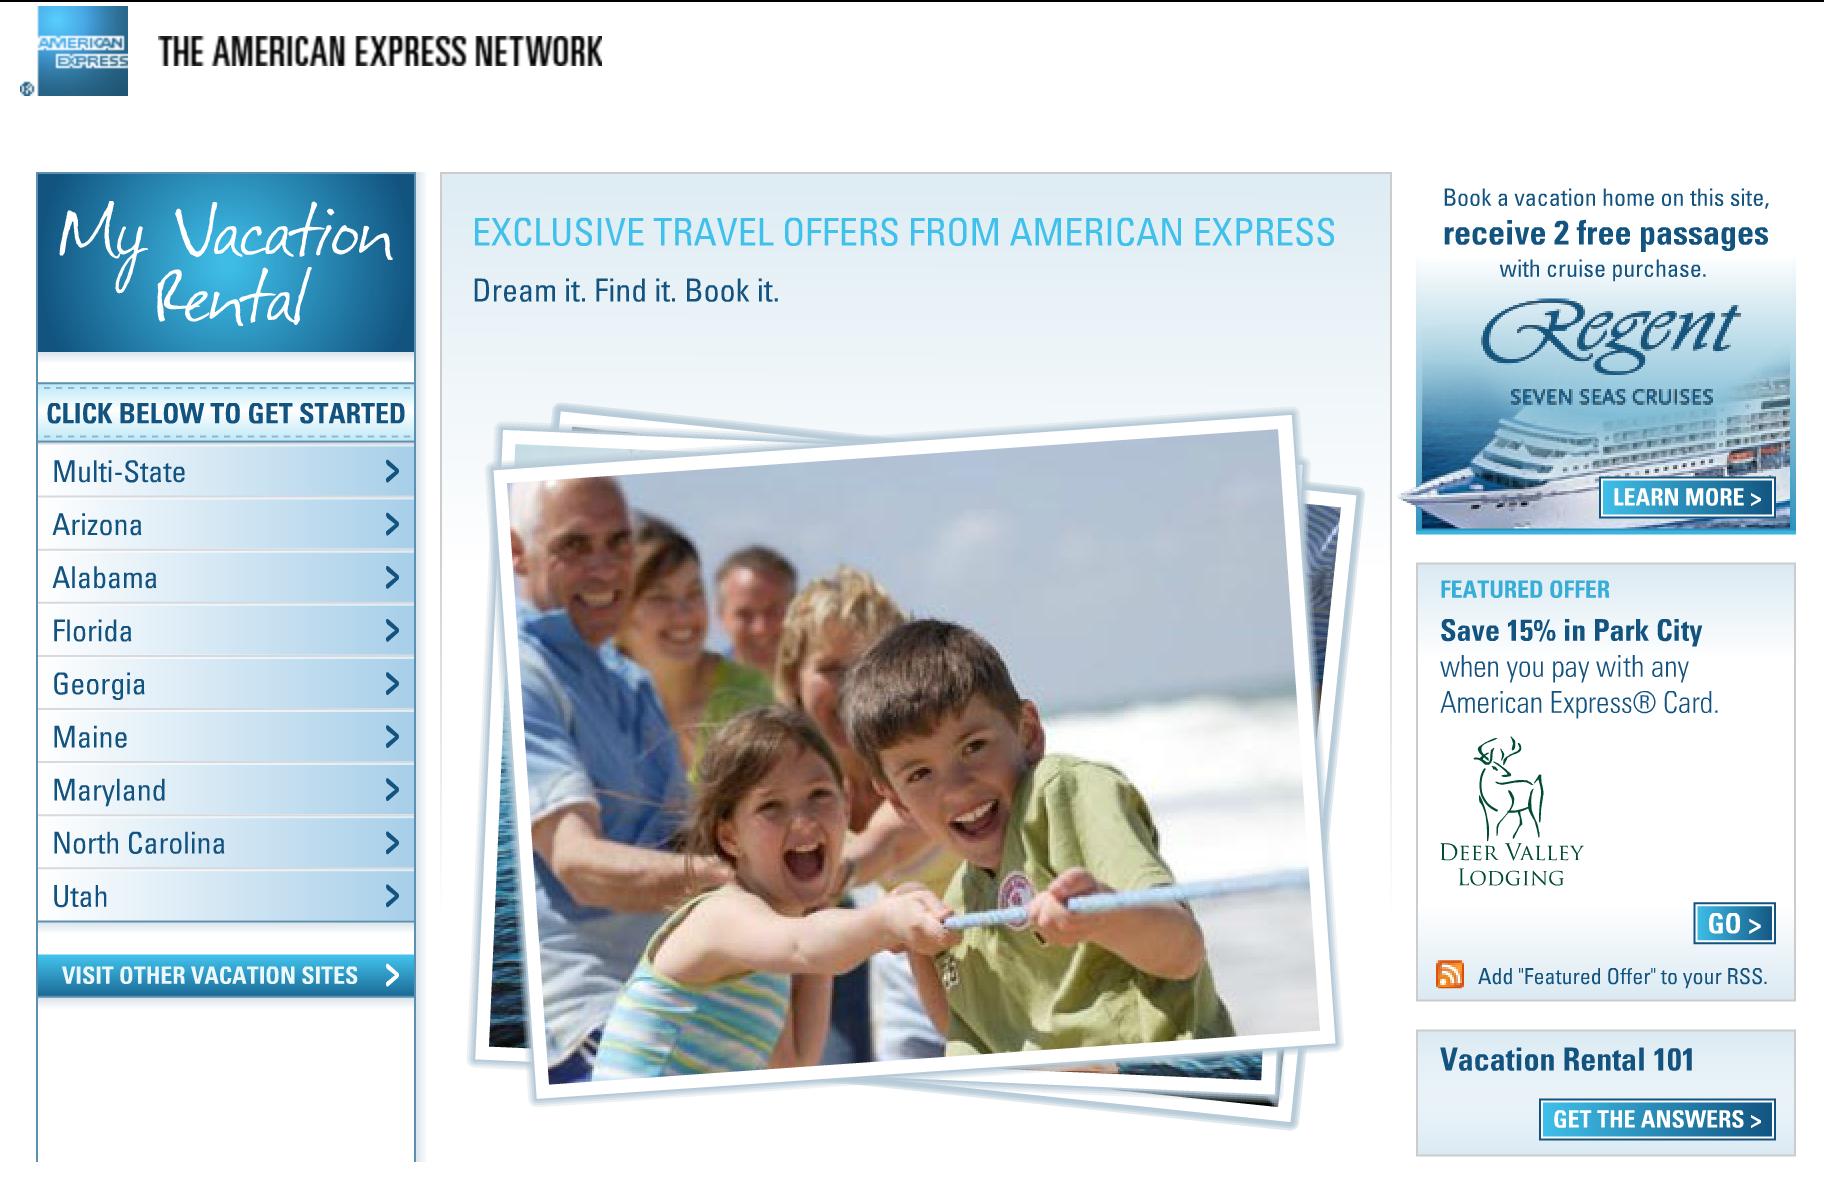 Amex vacation screen grab 2.png